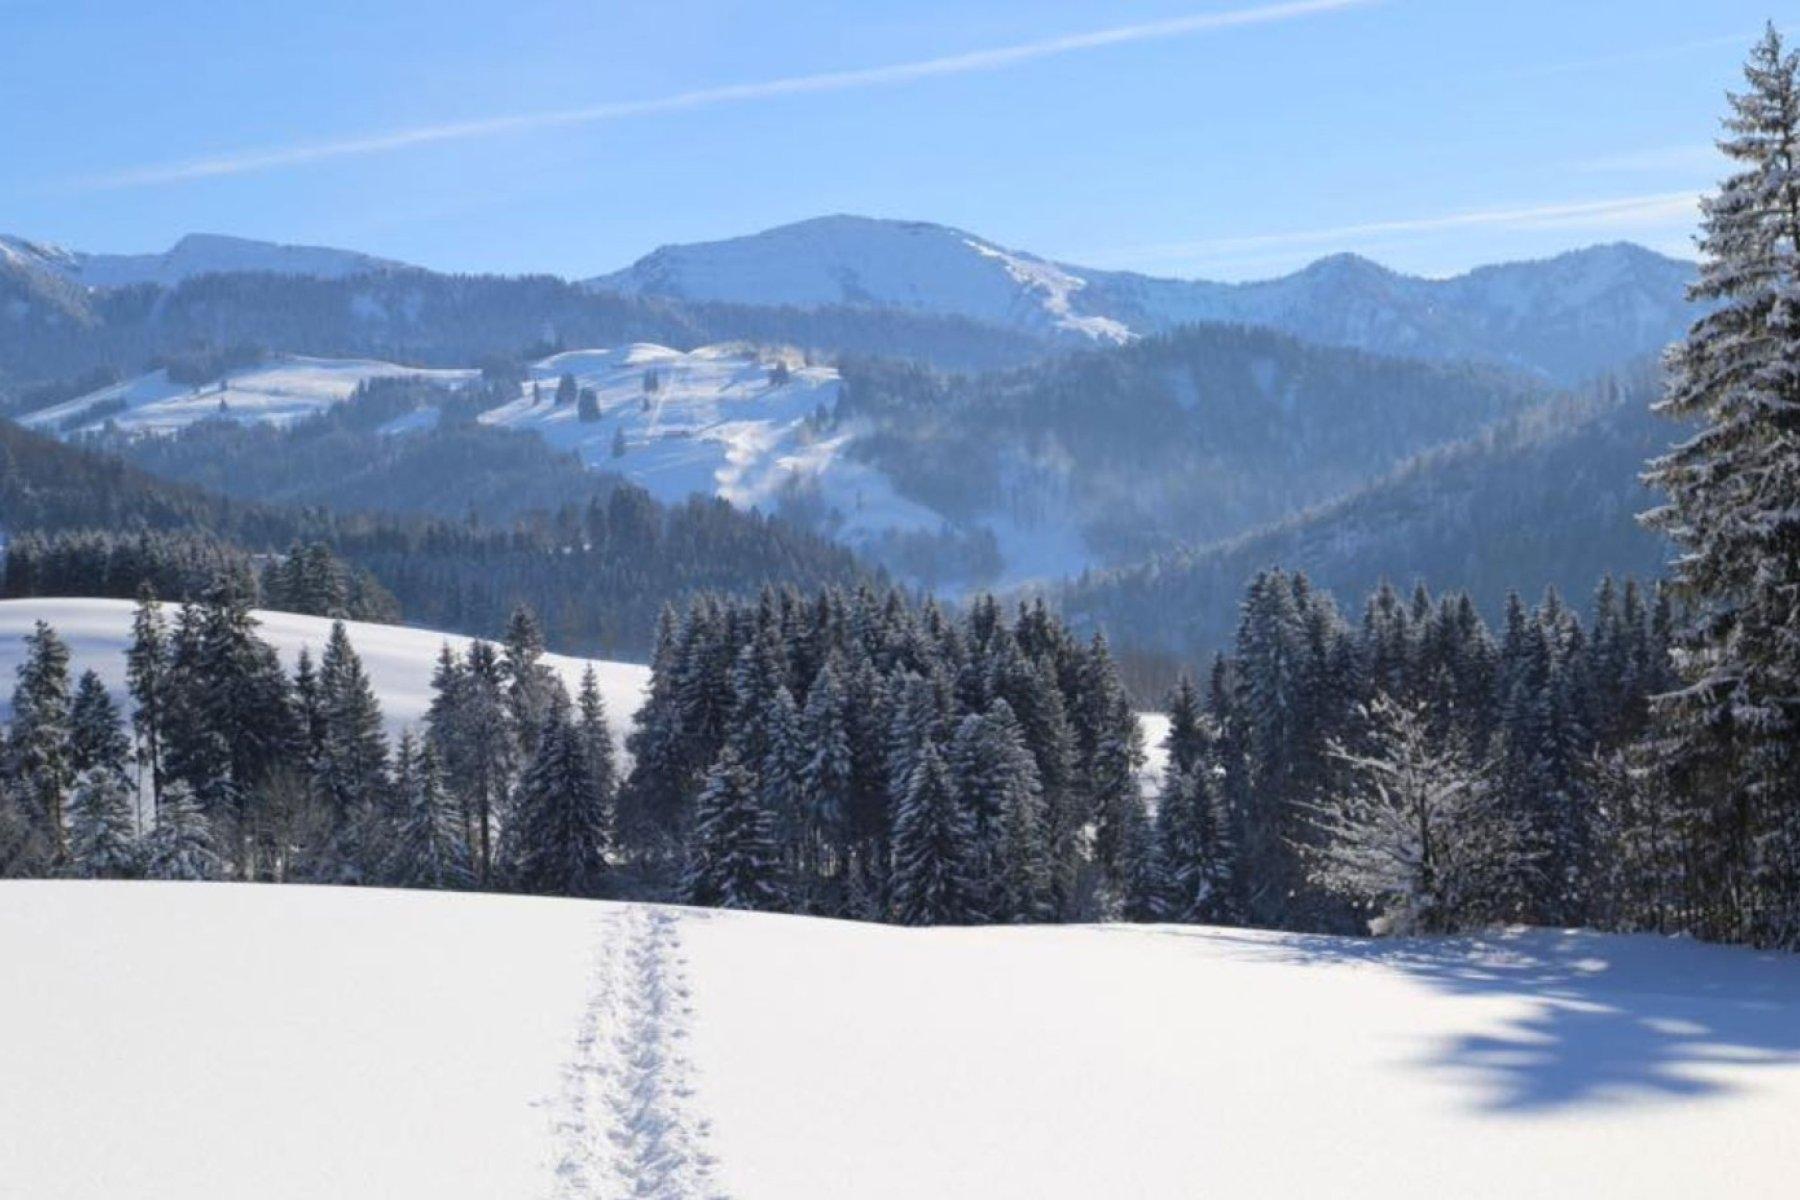 4-Gourmet-im-Schnee-1200x800px